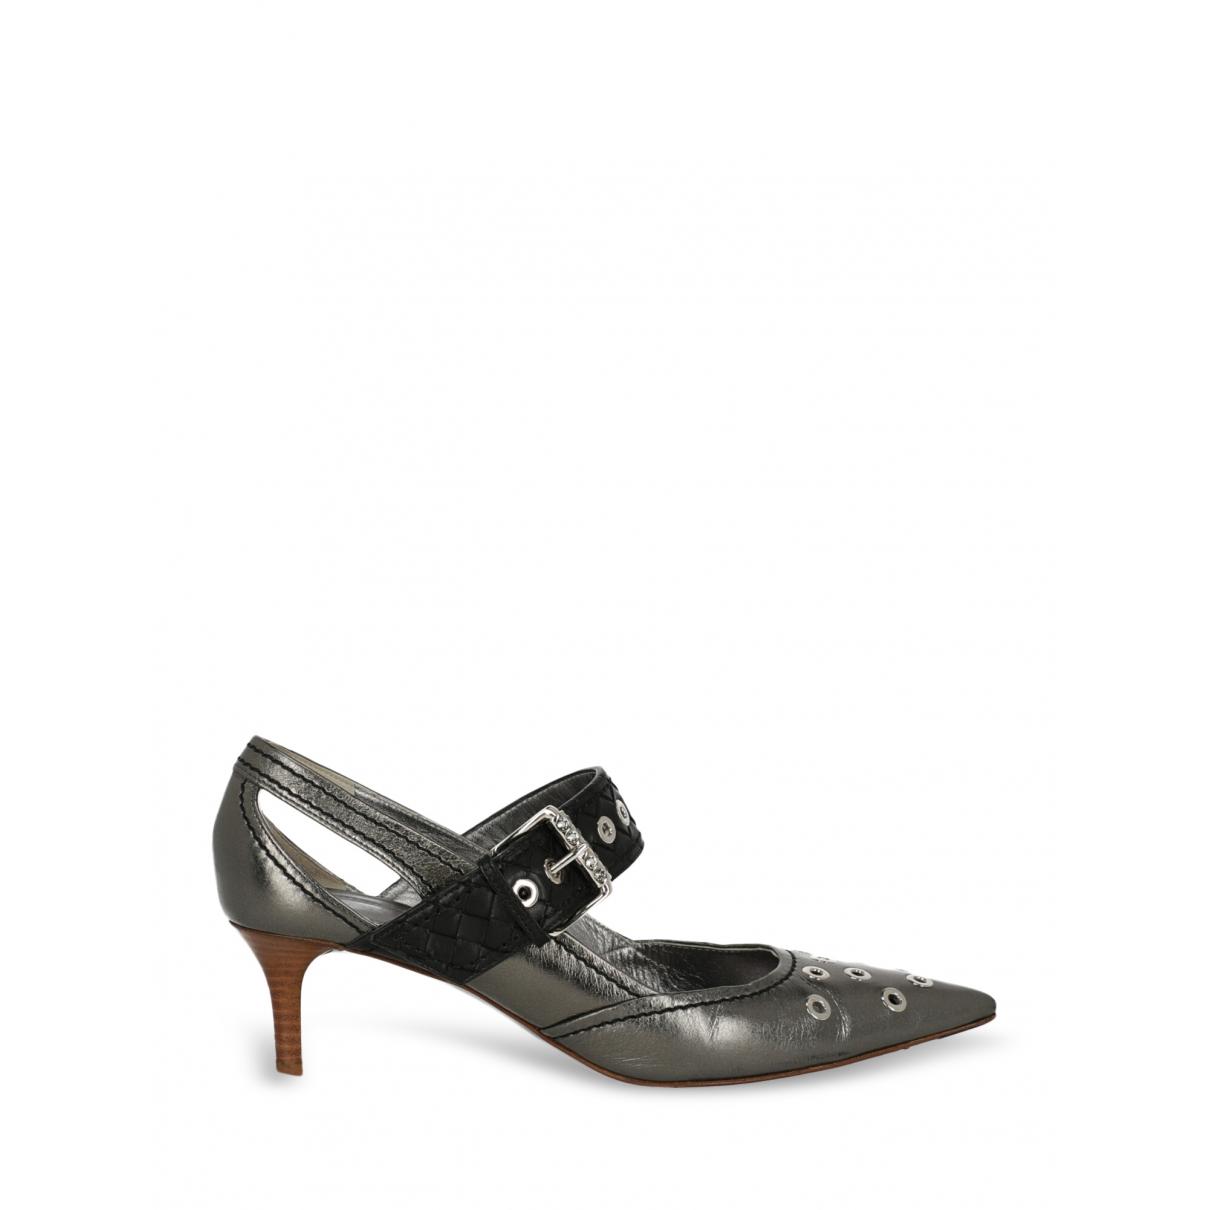 Bottega Veneta - Escarpins   pour femme en cuir - metallise